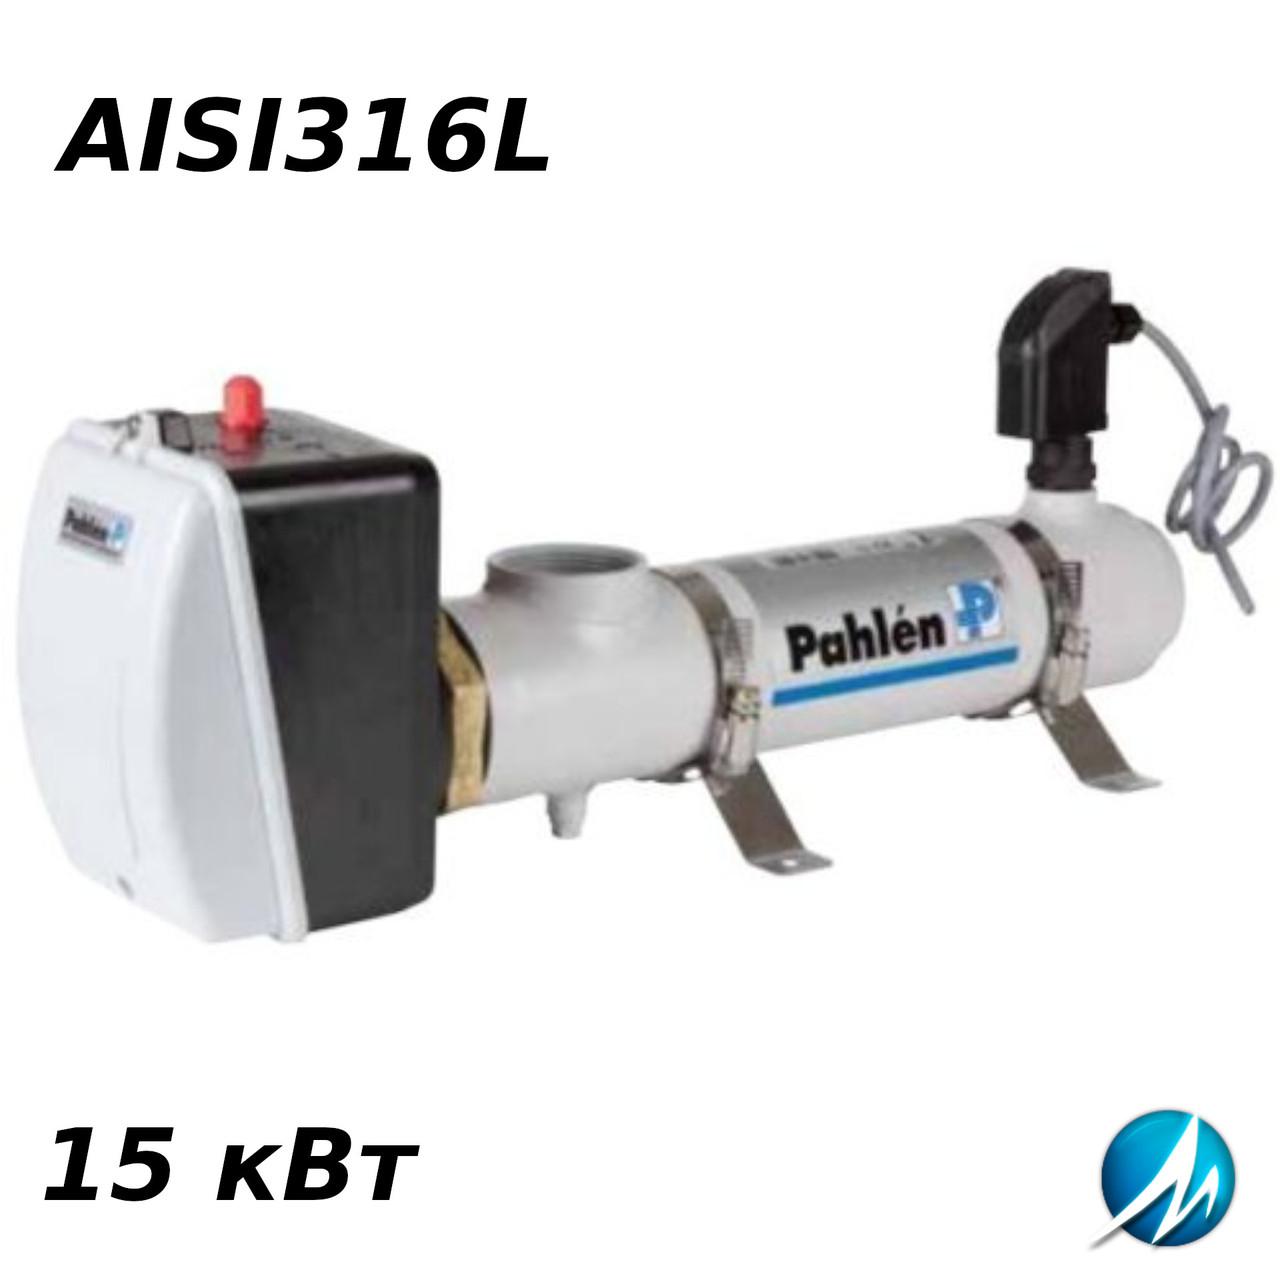 Електронагрівач NEW Pahlen (корпус з н/ж) 15 кВт